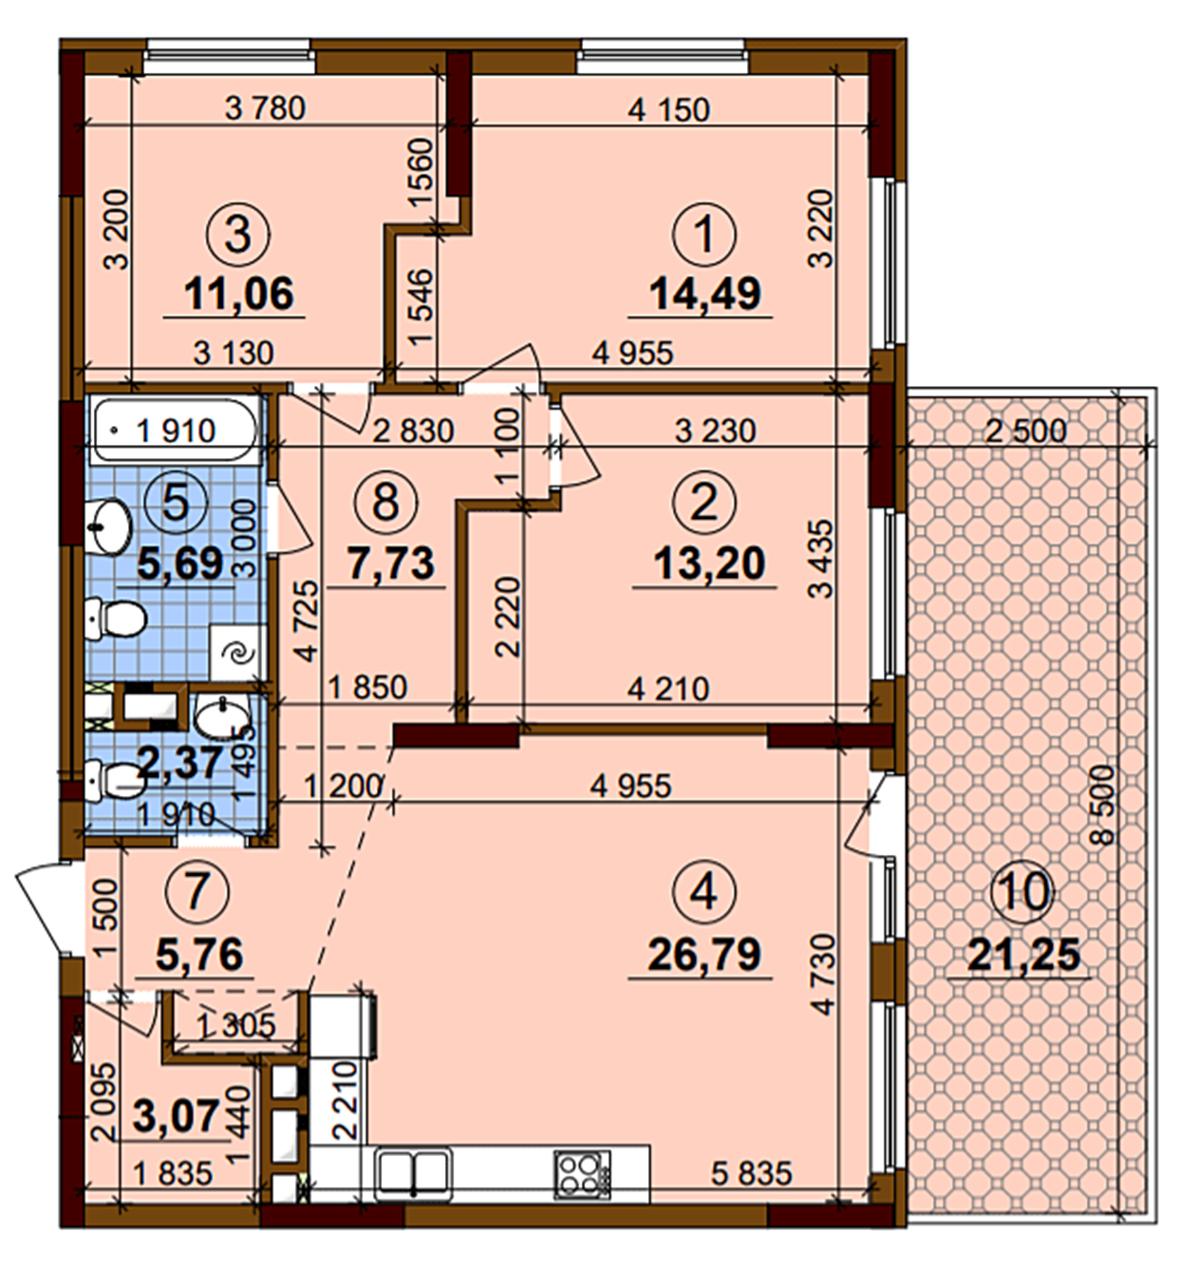 ЖК Варшавский Плюс пример планировки трехкомнатной квартиры